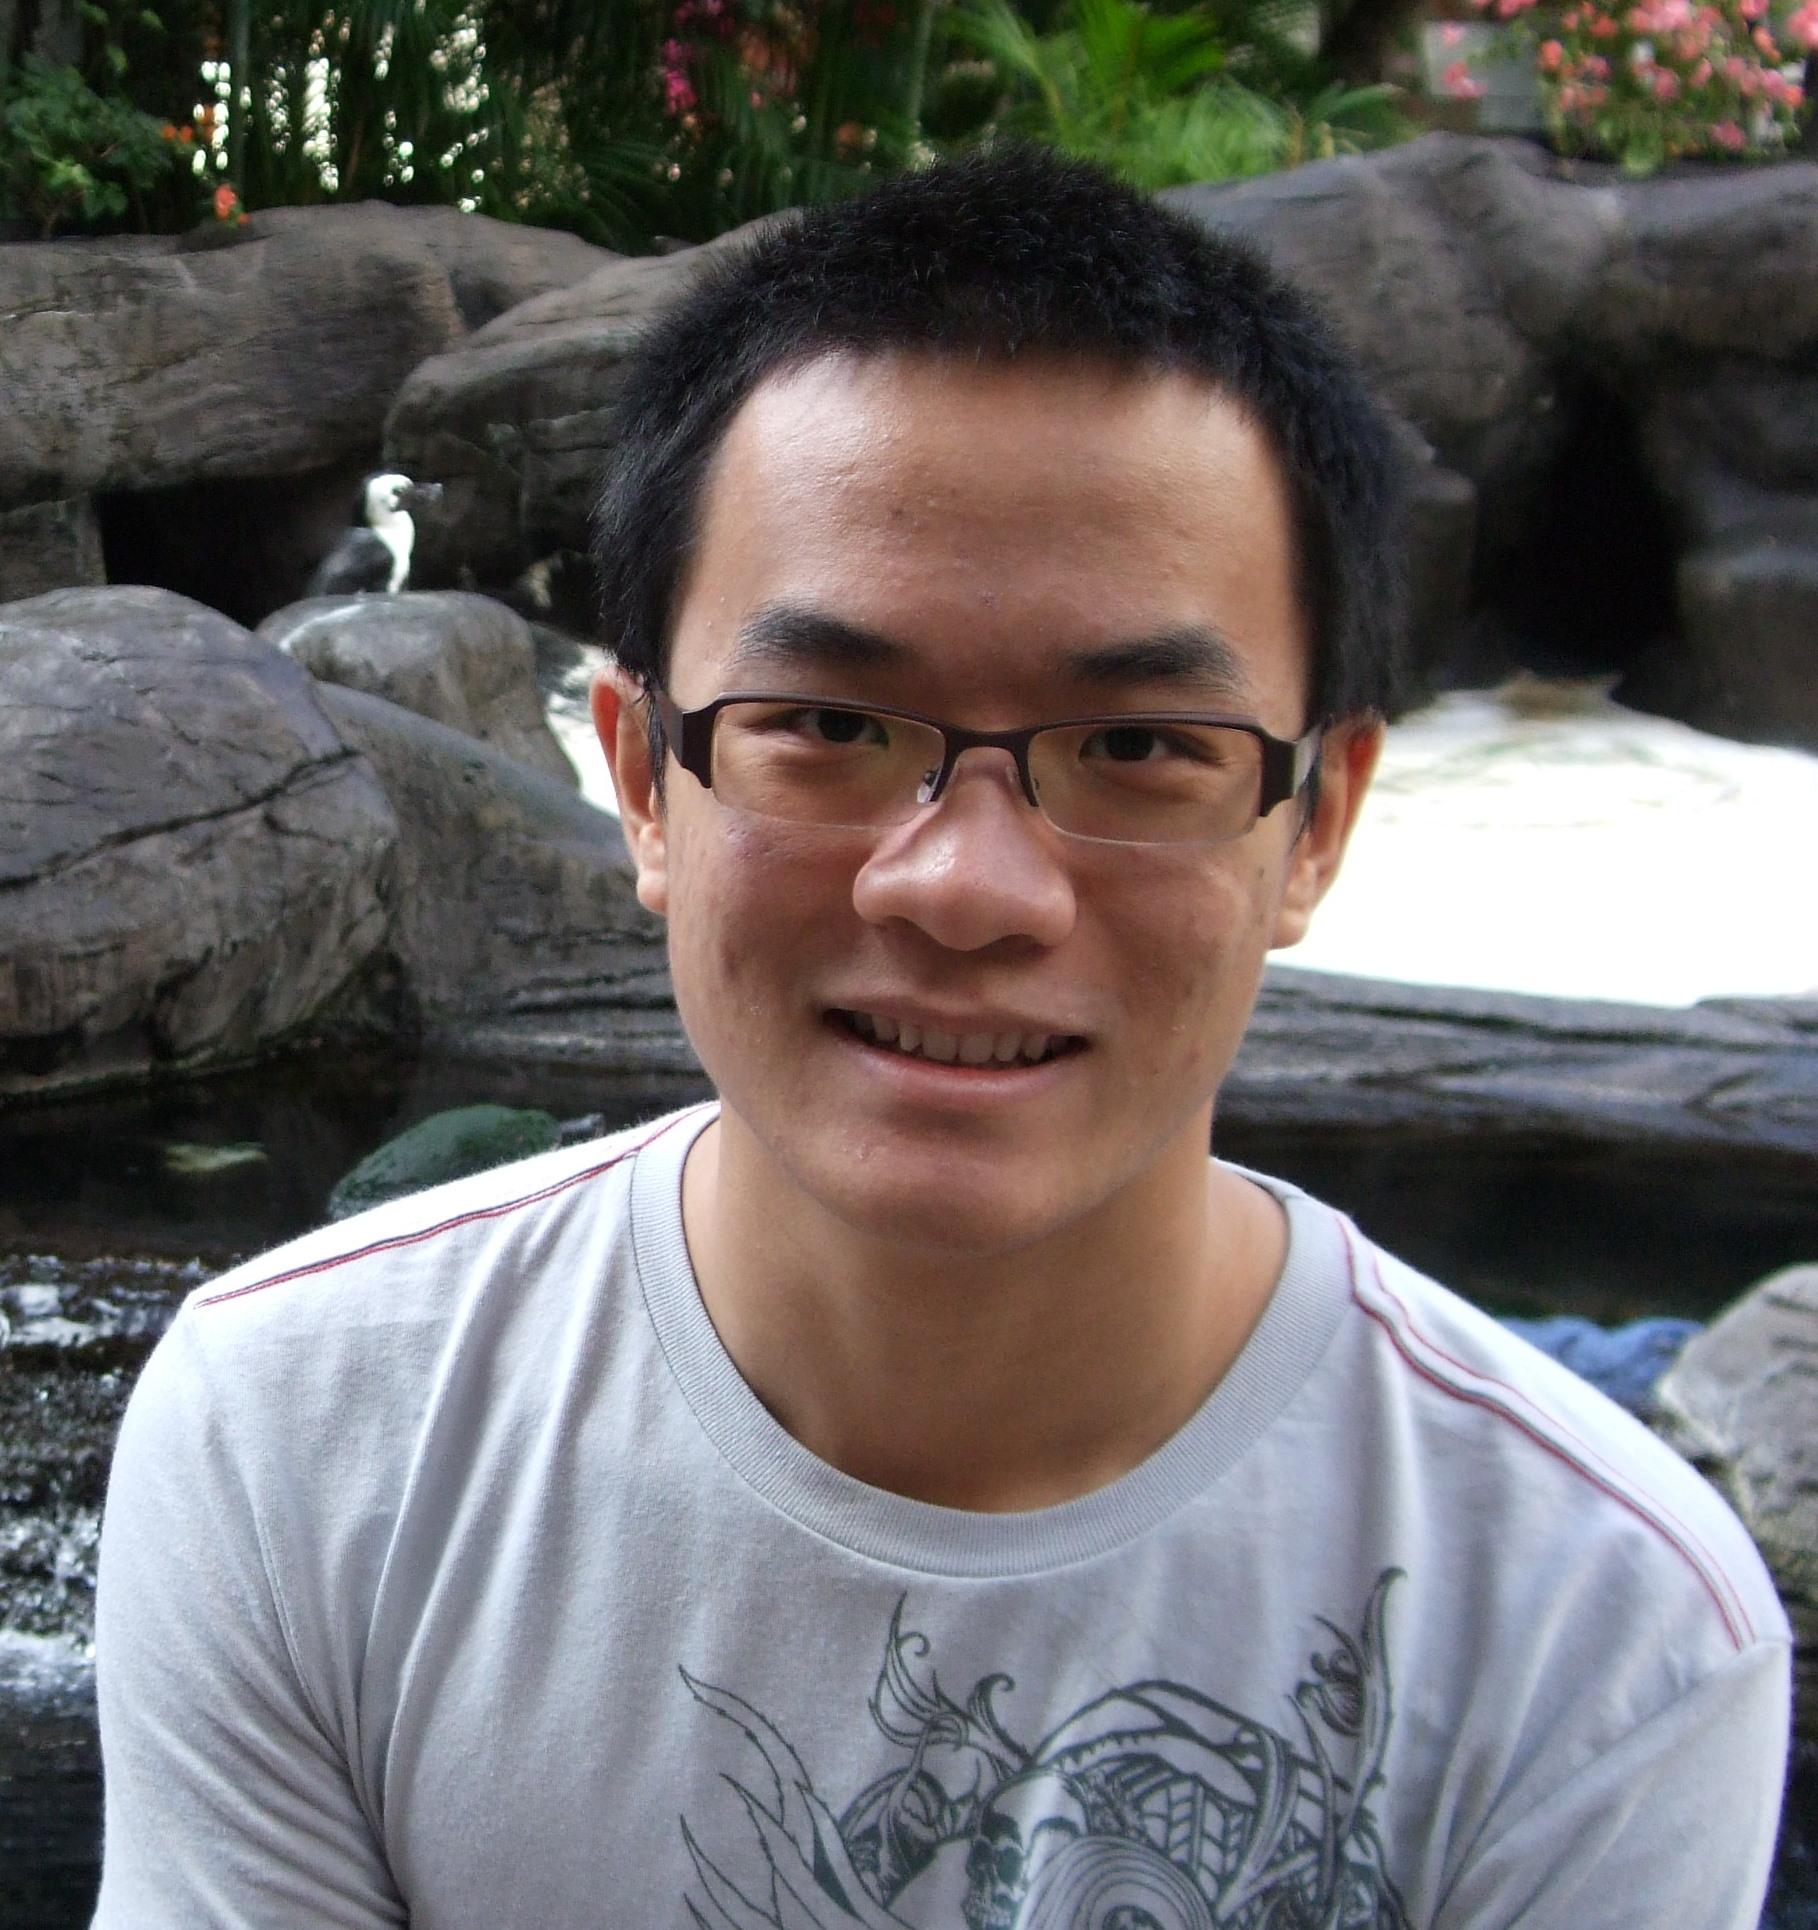 Shaoxuan Zhang